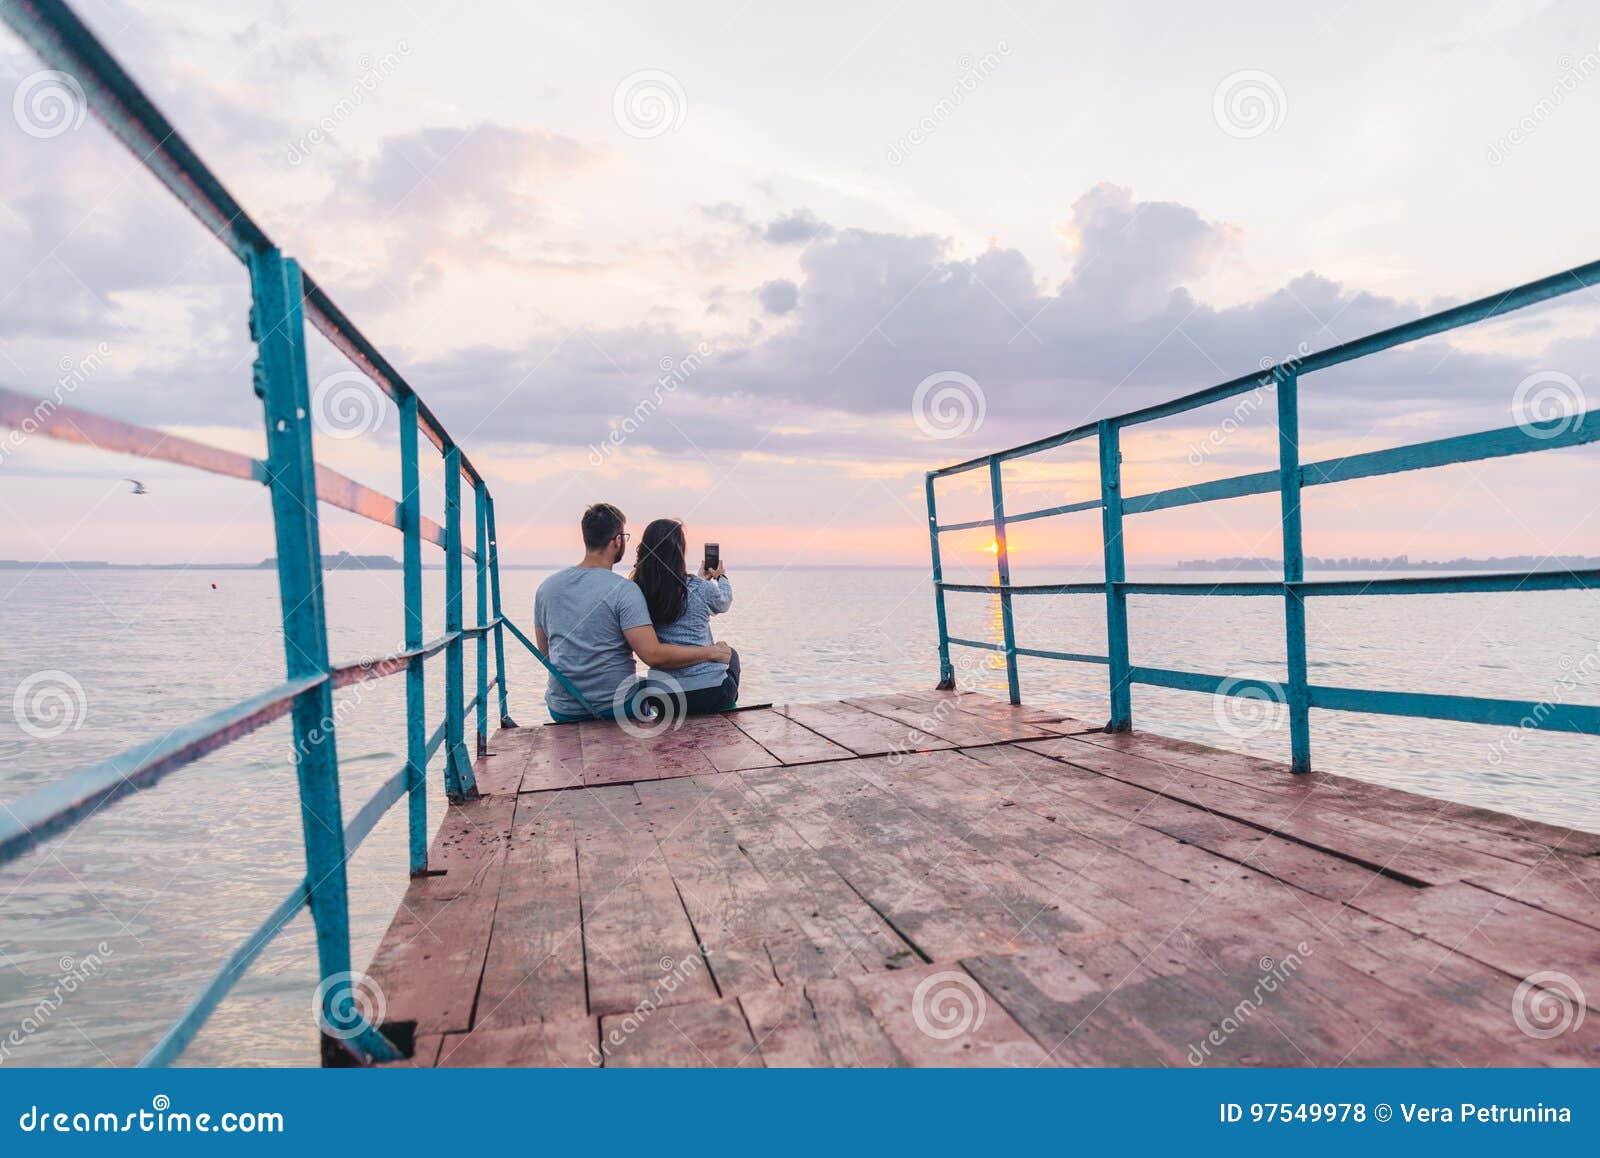 Симпатичные пары сидя на пристани и смотря на восходе солнца